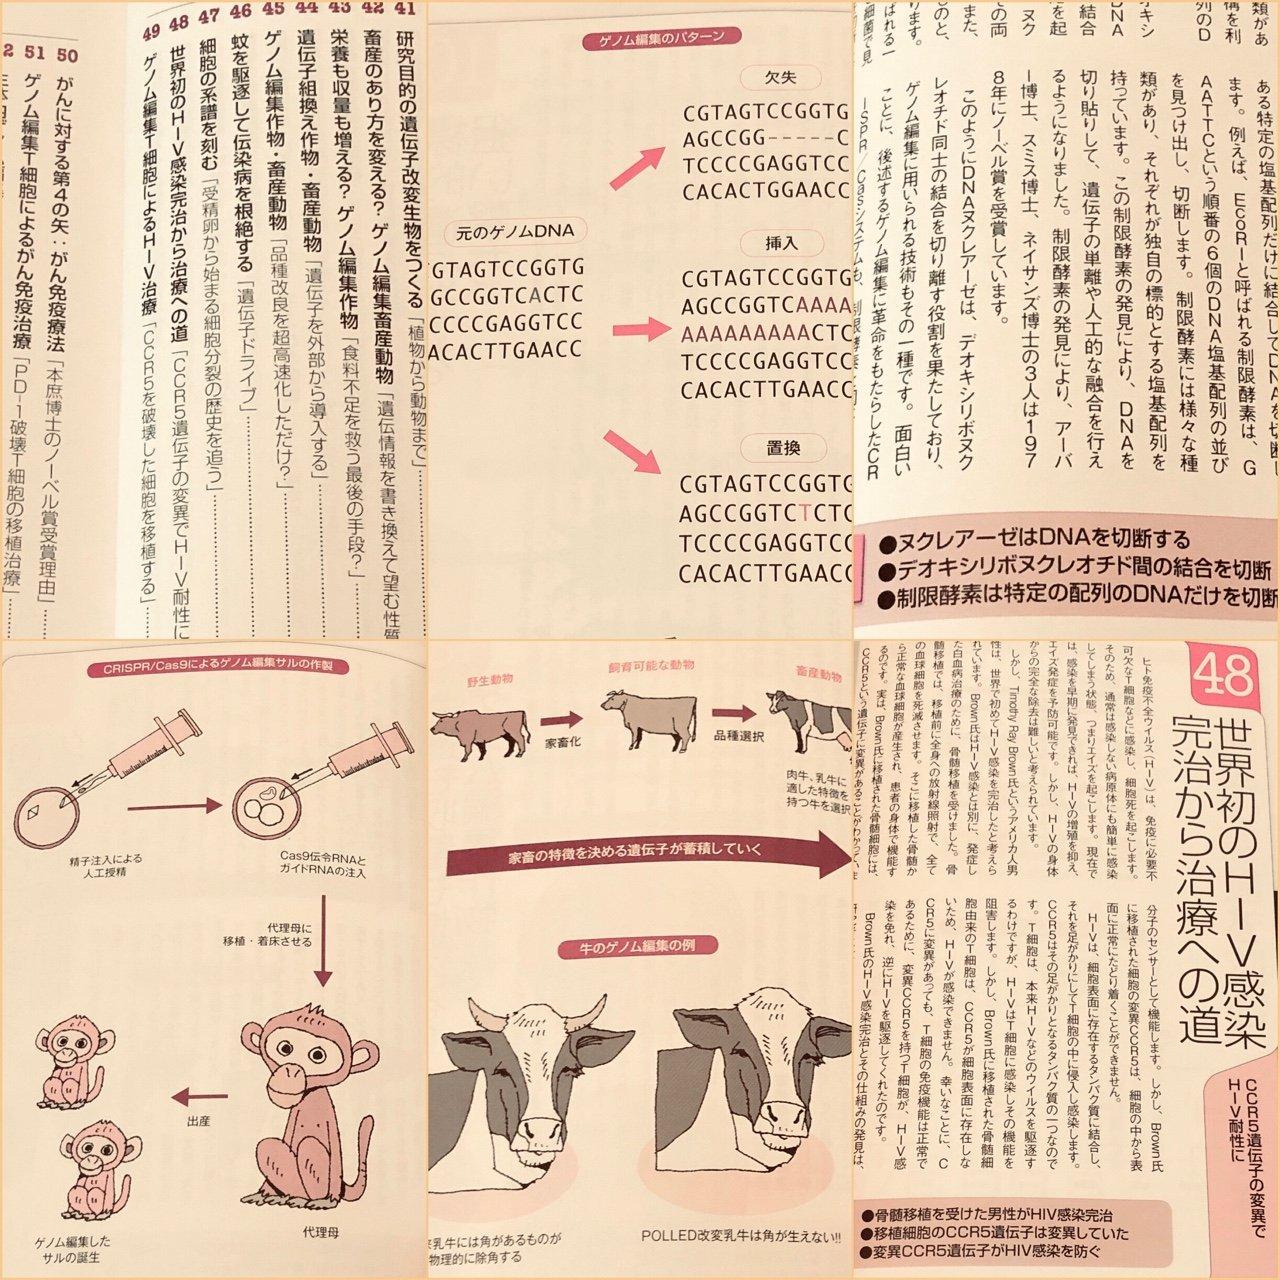 ざっと読了。遺伝子、DNA、ゲノム編集方法。応用事例とか。  「あらゆる生物種の遺伝情報を自由自在に操る「ゲノム編集」」 「医療、農業、畜産など多岐にわたる分野に革命」  トコトンやさしいゲノム編集の本 (今日からモノ知りシリーズ) | 宮岡 佑一郎 https://t.co/3qVhoqUqaA https://t.co/R9MHs2wVrE